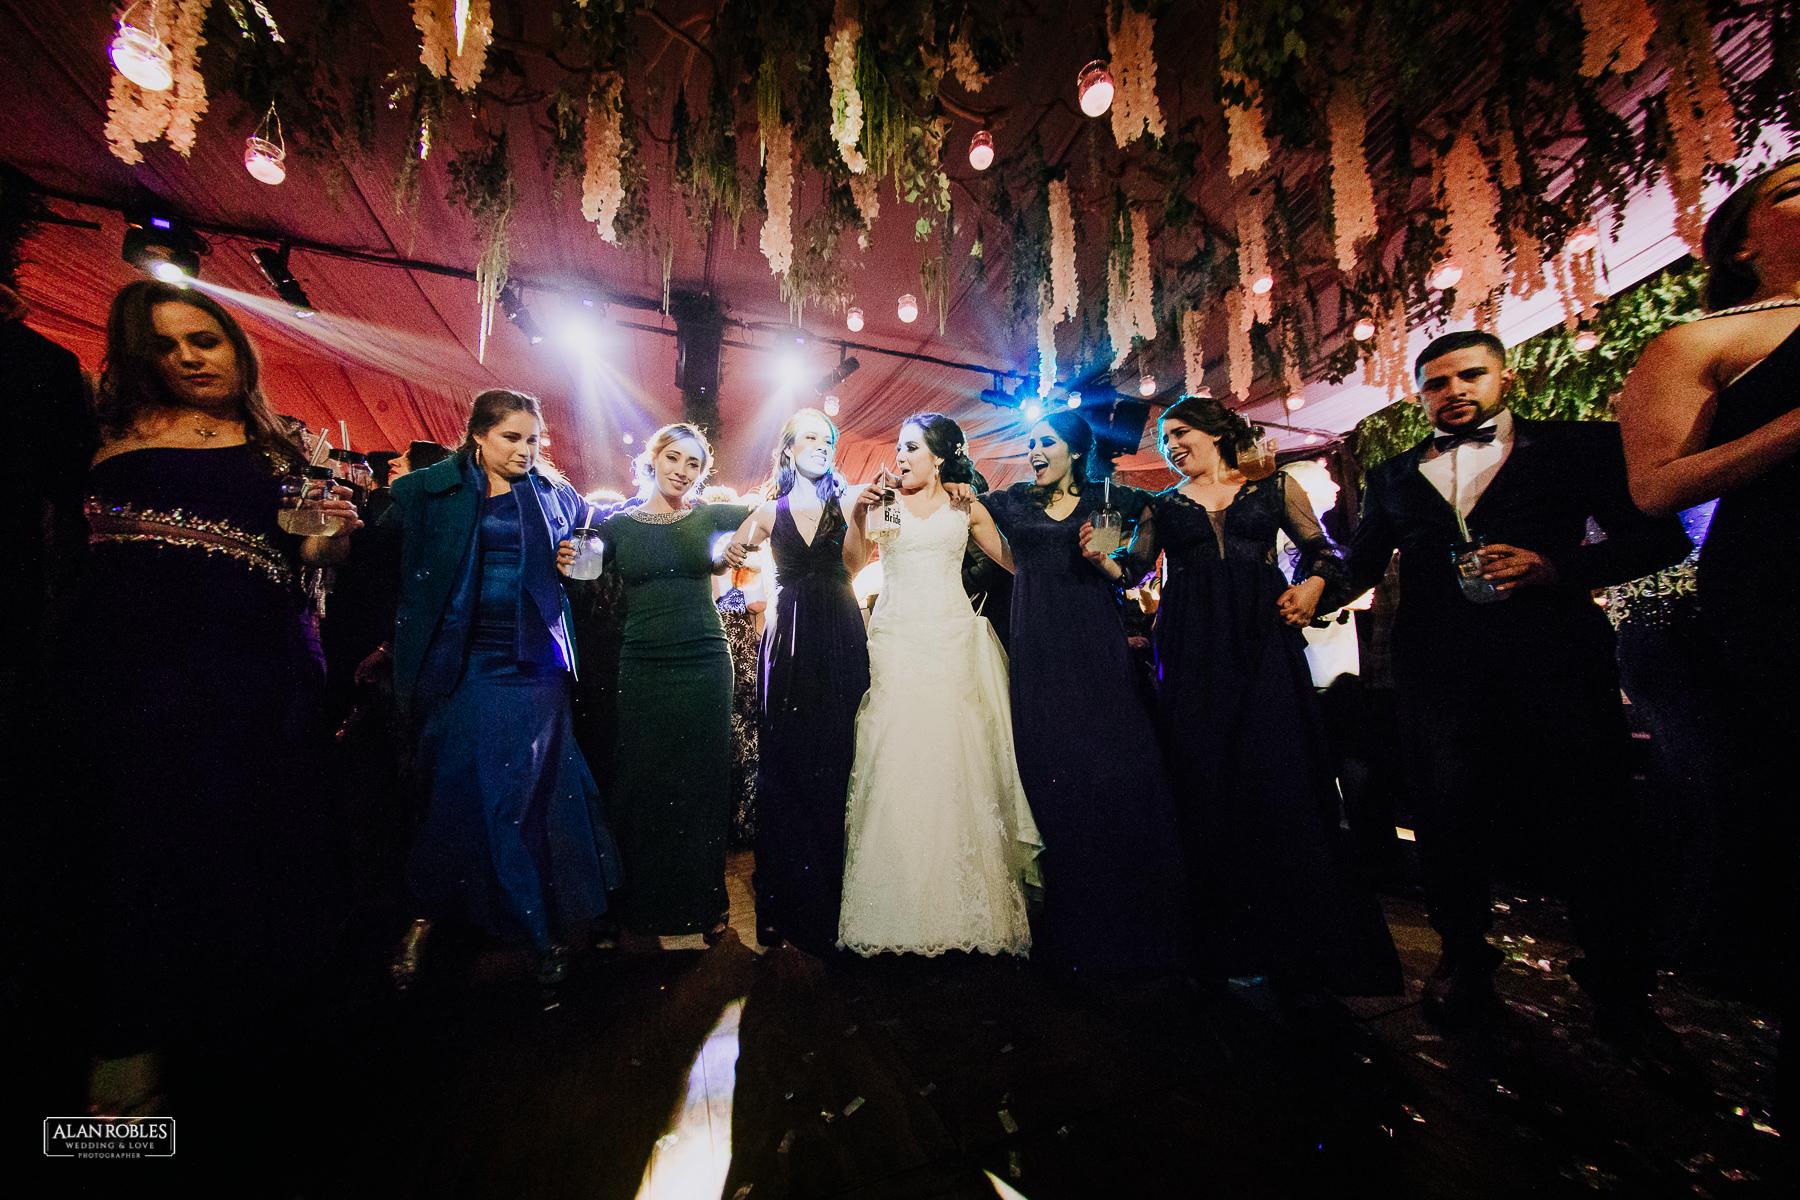 Fotografo de bodas Alan Robles-Casa Clementina Guadalajara DyA-72